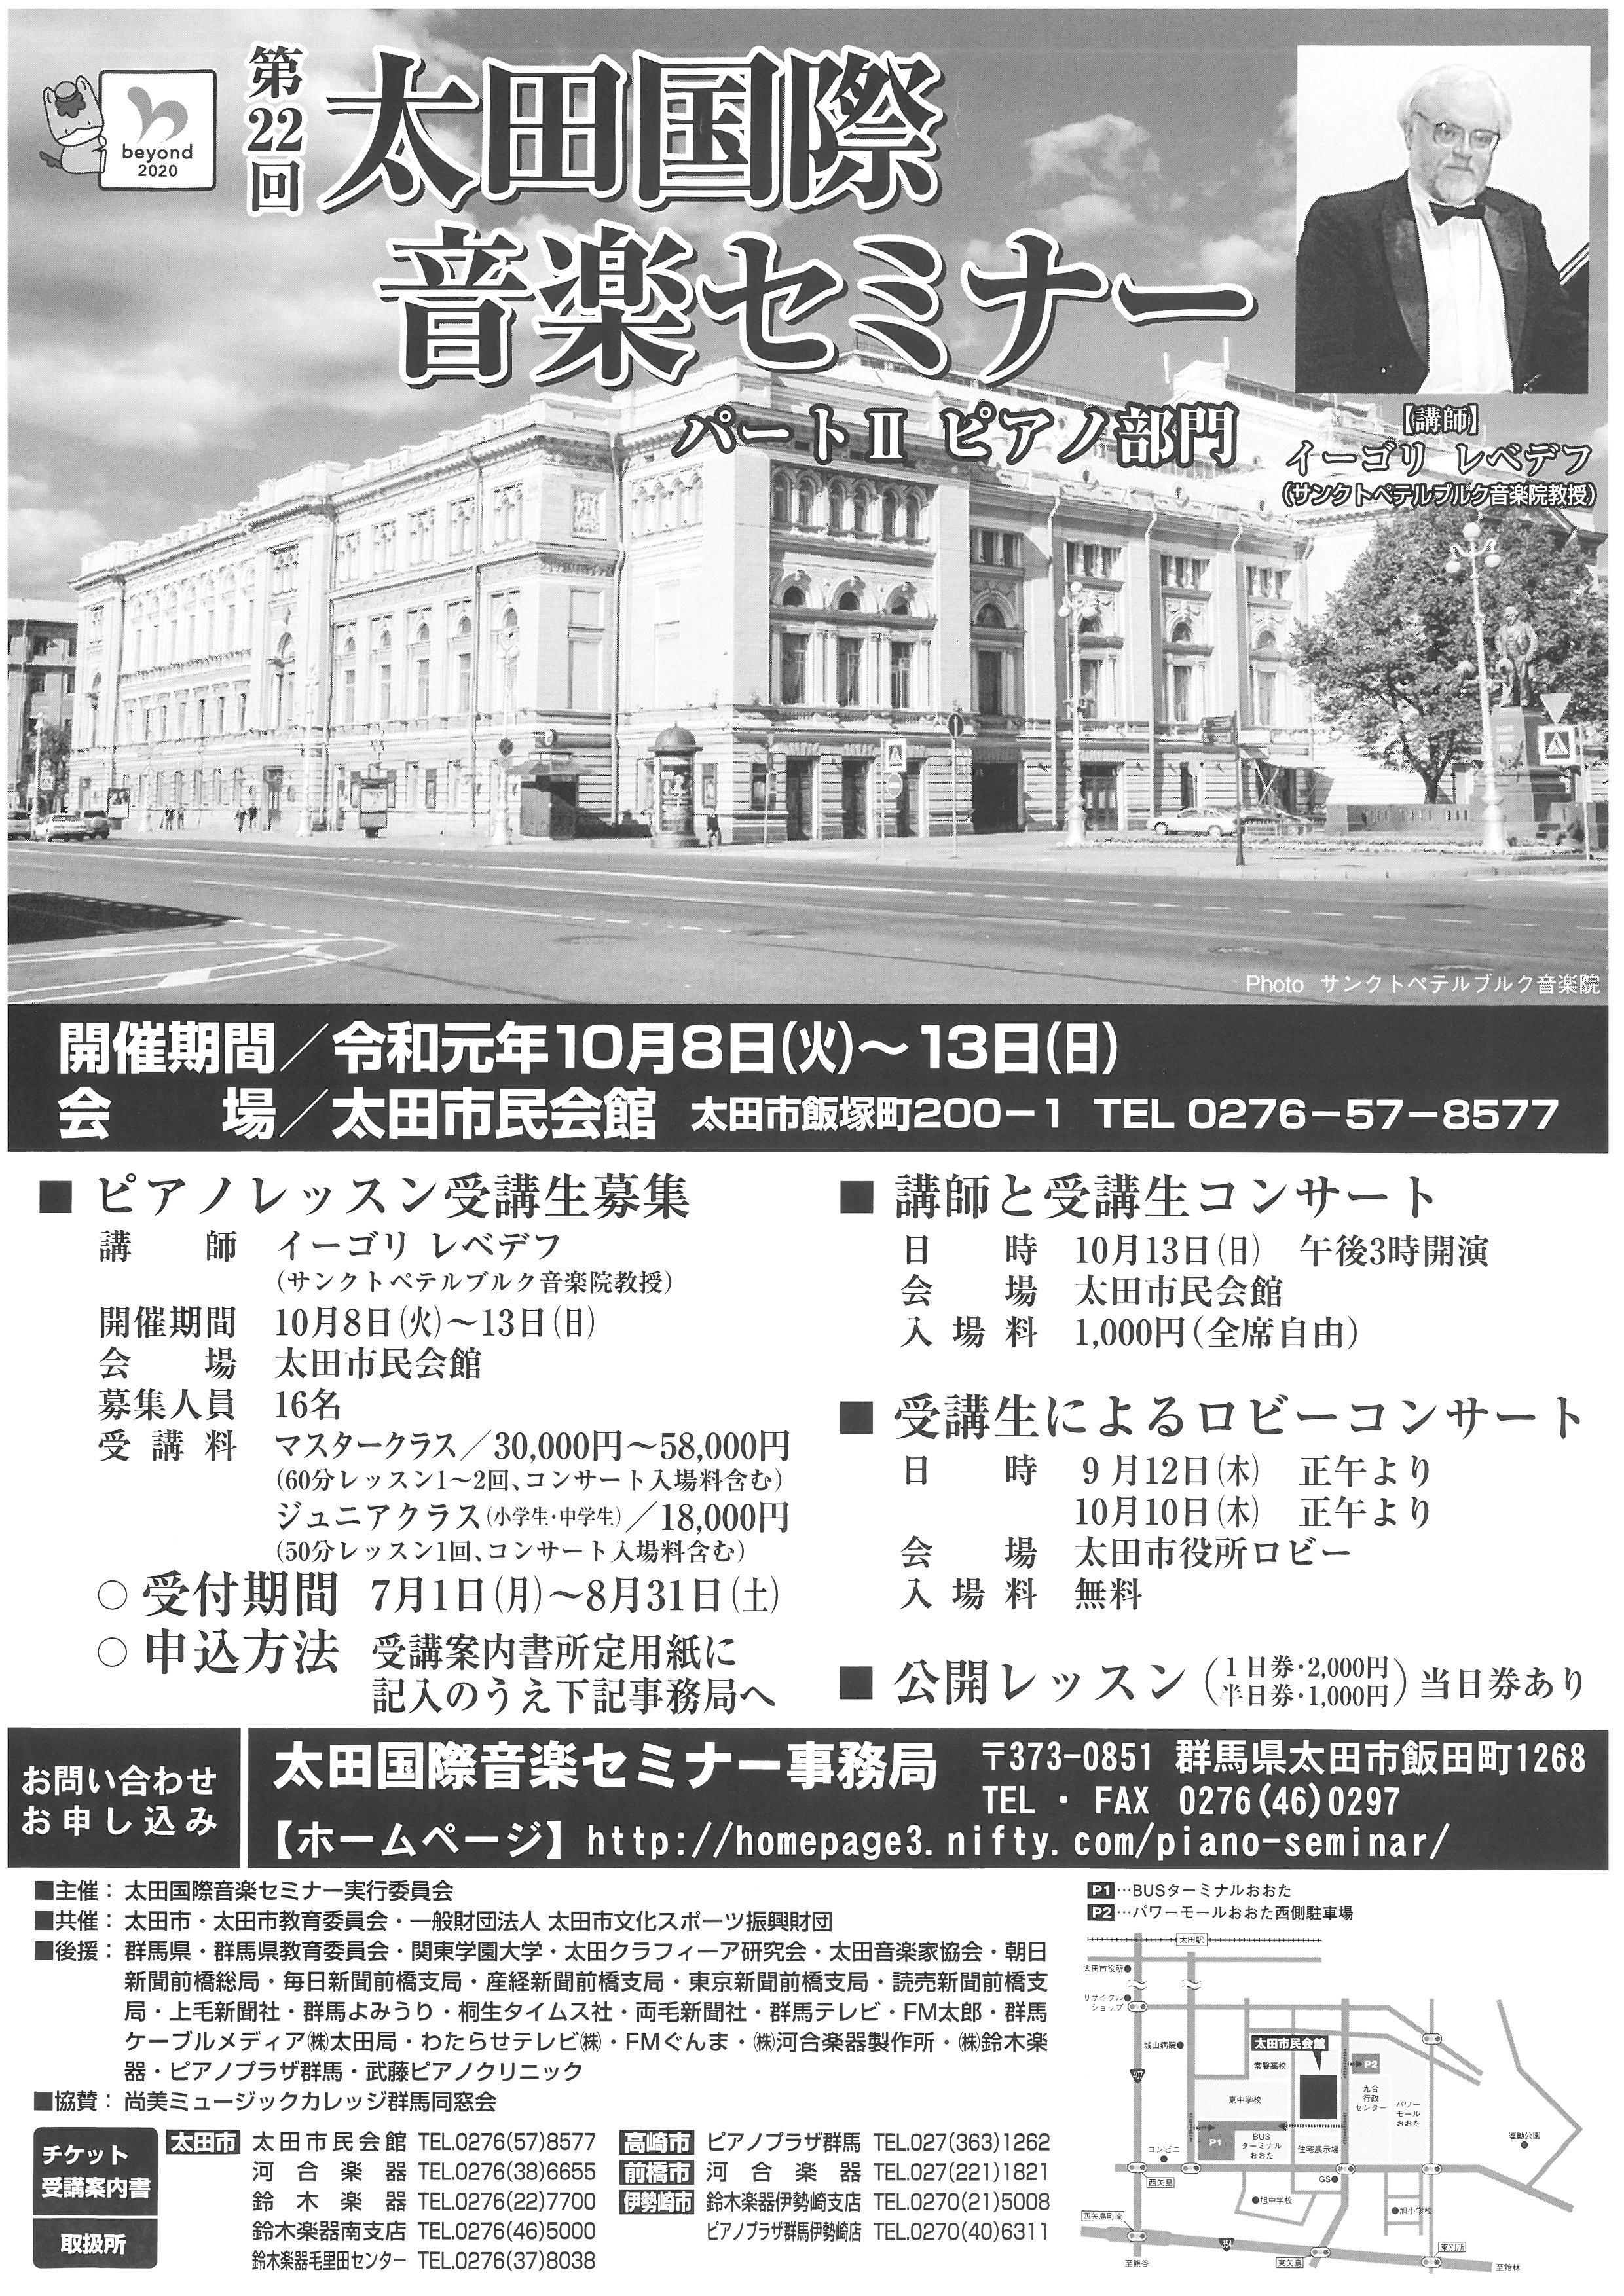 第22回太田国際音楽セミナー